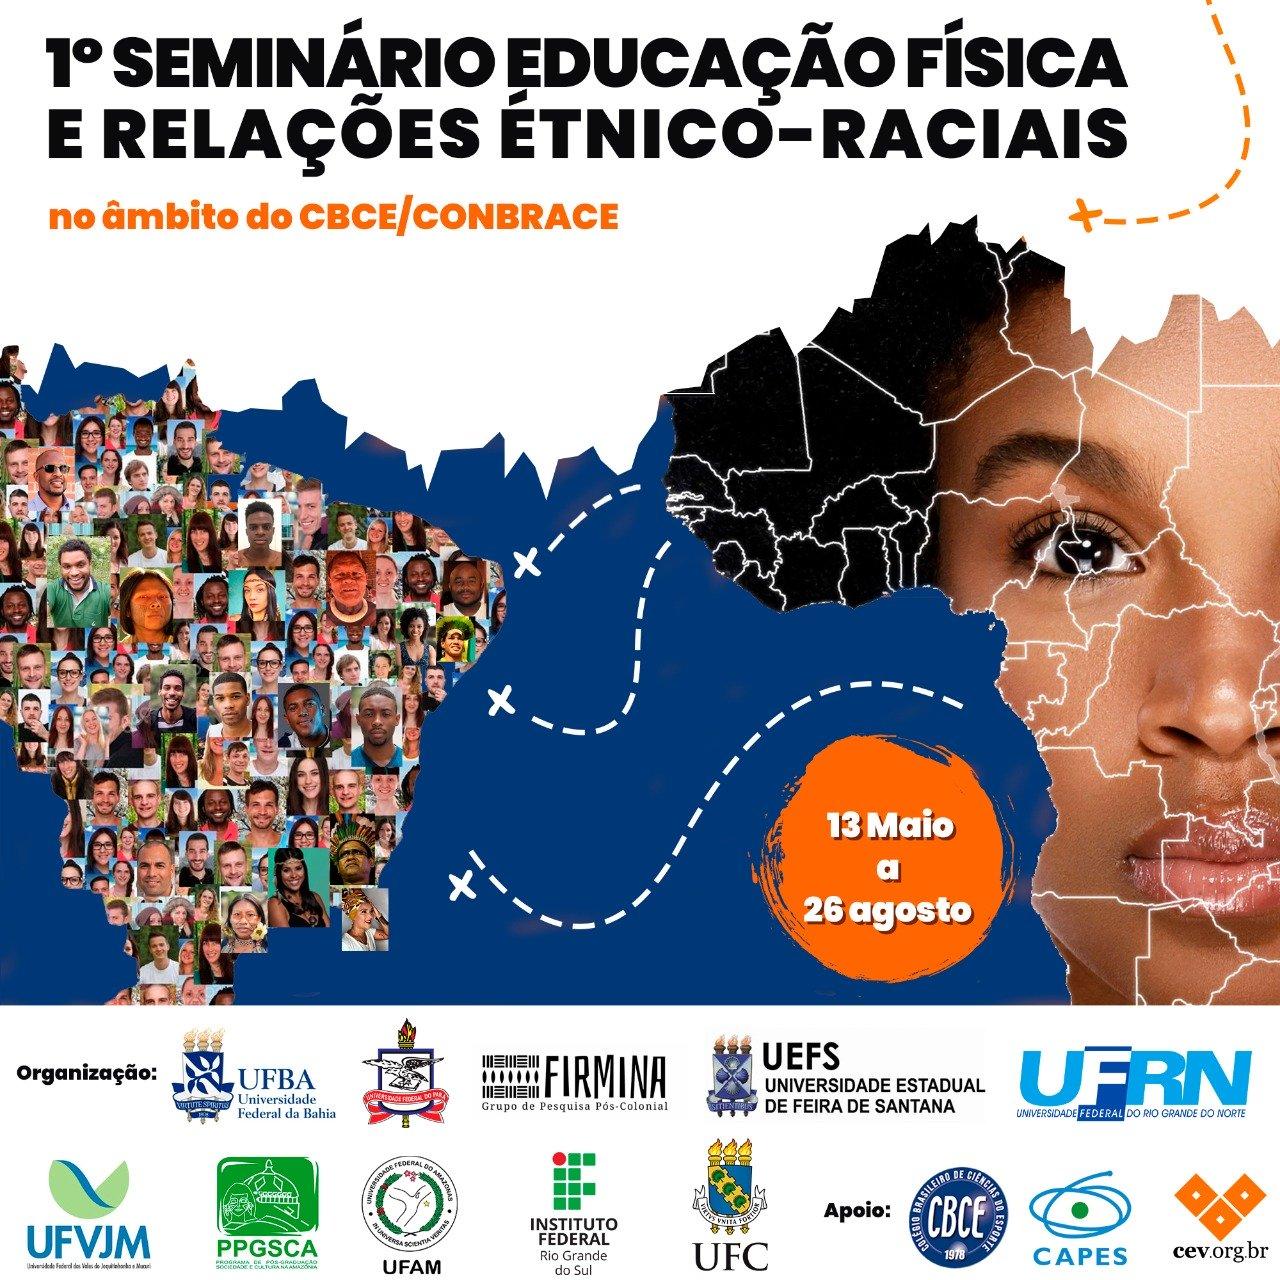 1° Congresso de Educação Física e Relações Étnico-Raciais